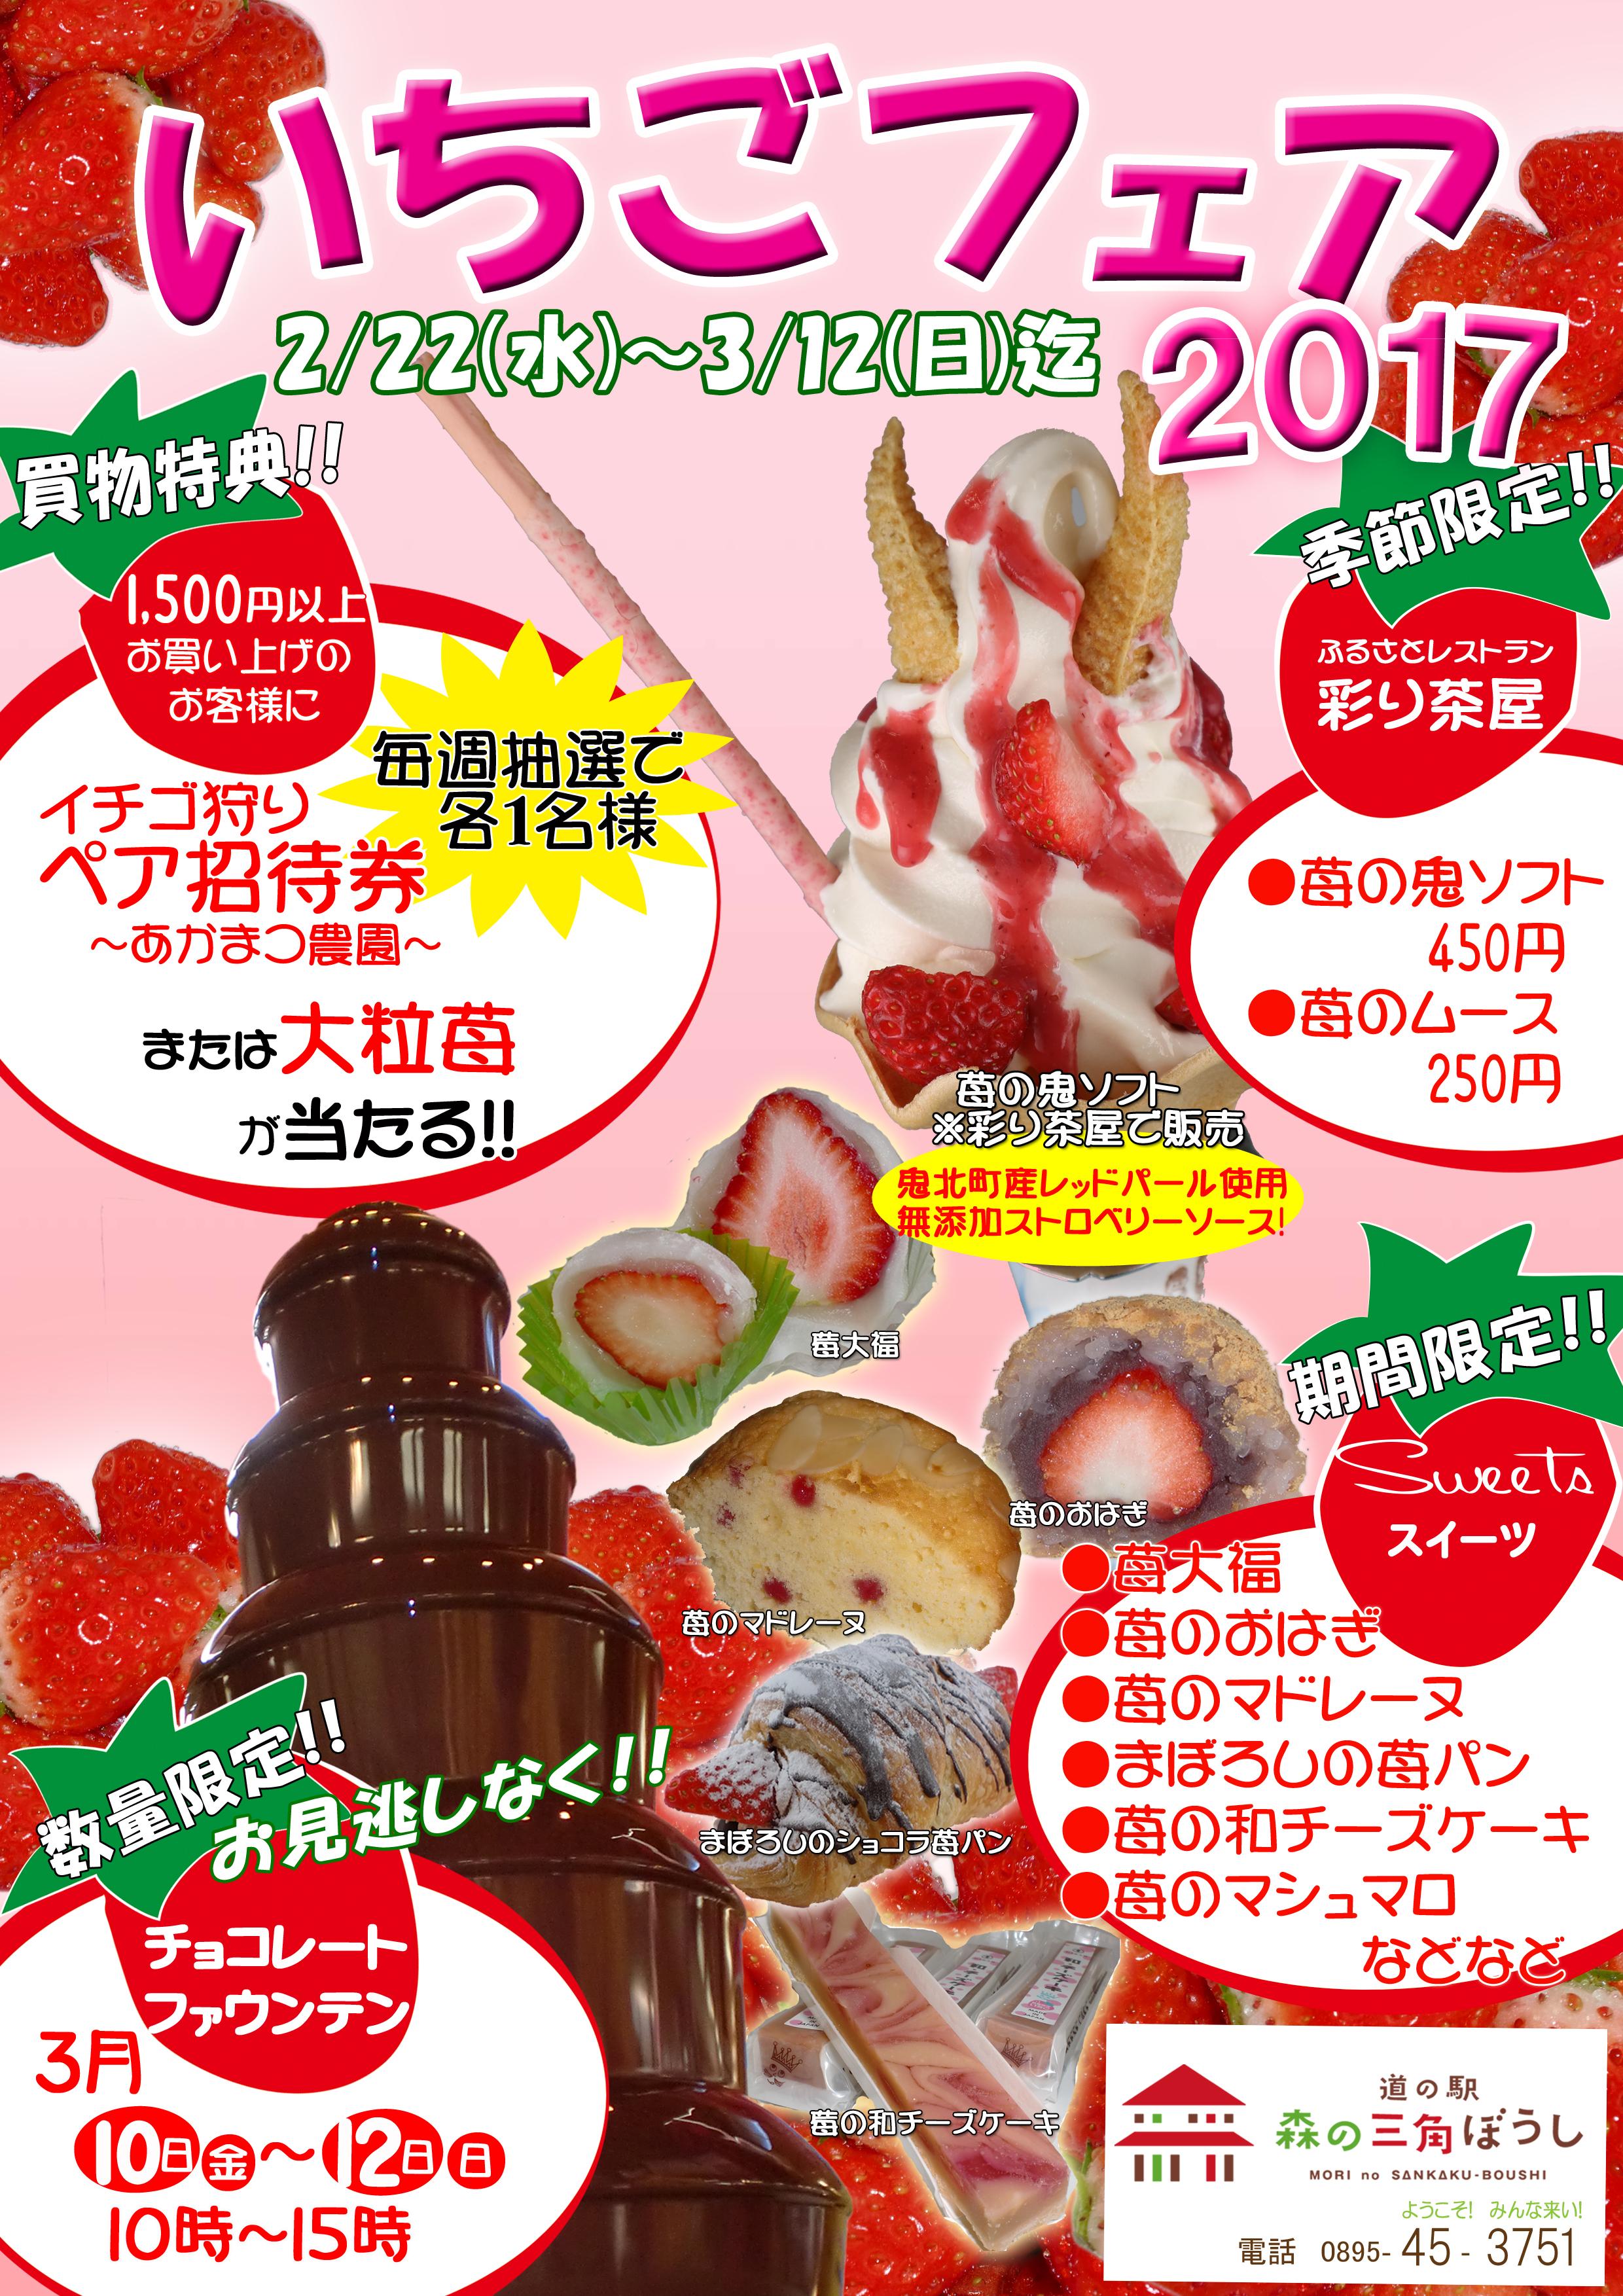 いちごフェア2017outline(jpg).jpg